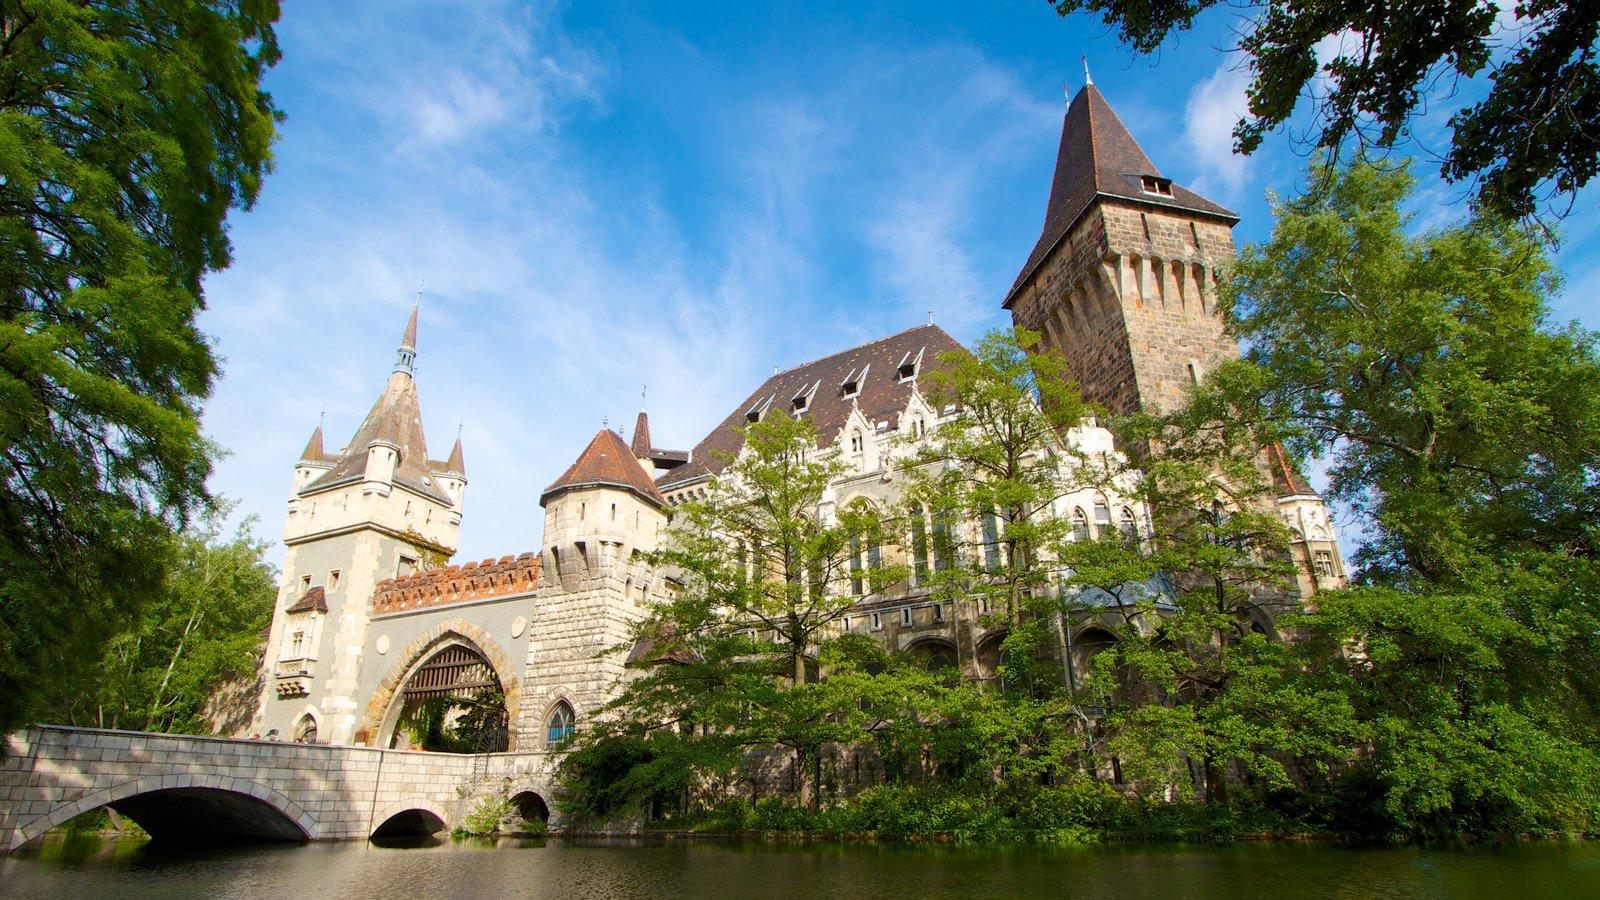 Parque municipal mostrando um rio ou córrego e um castelo